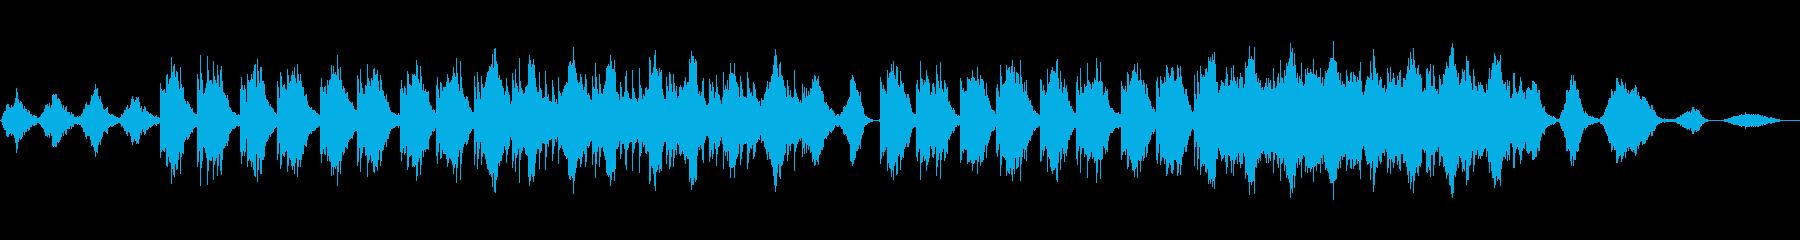 暖かく優しいニューエイジ音楽の再生済みの波形